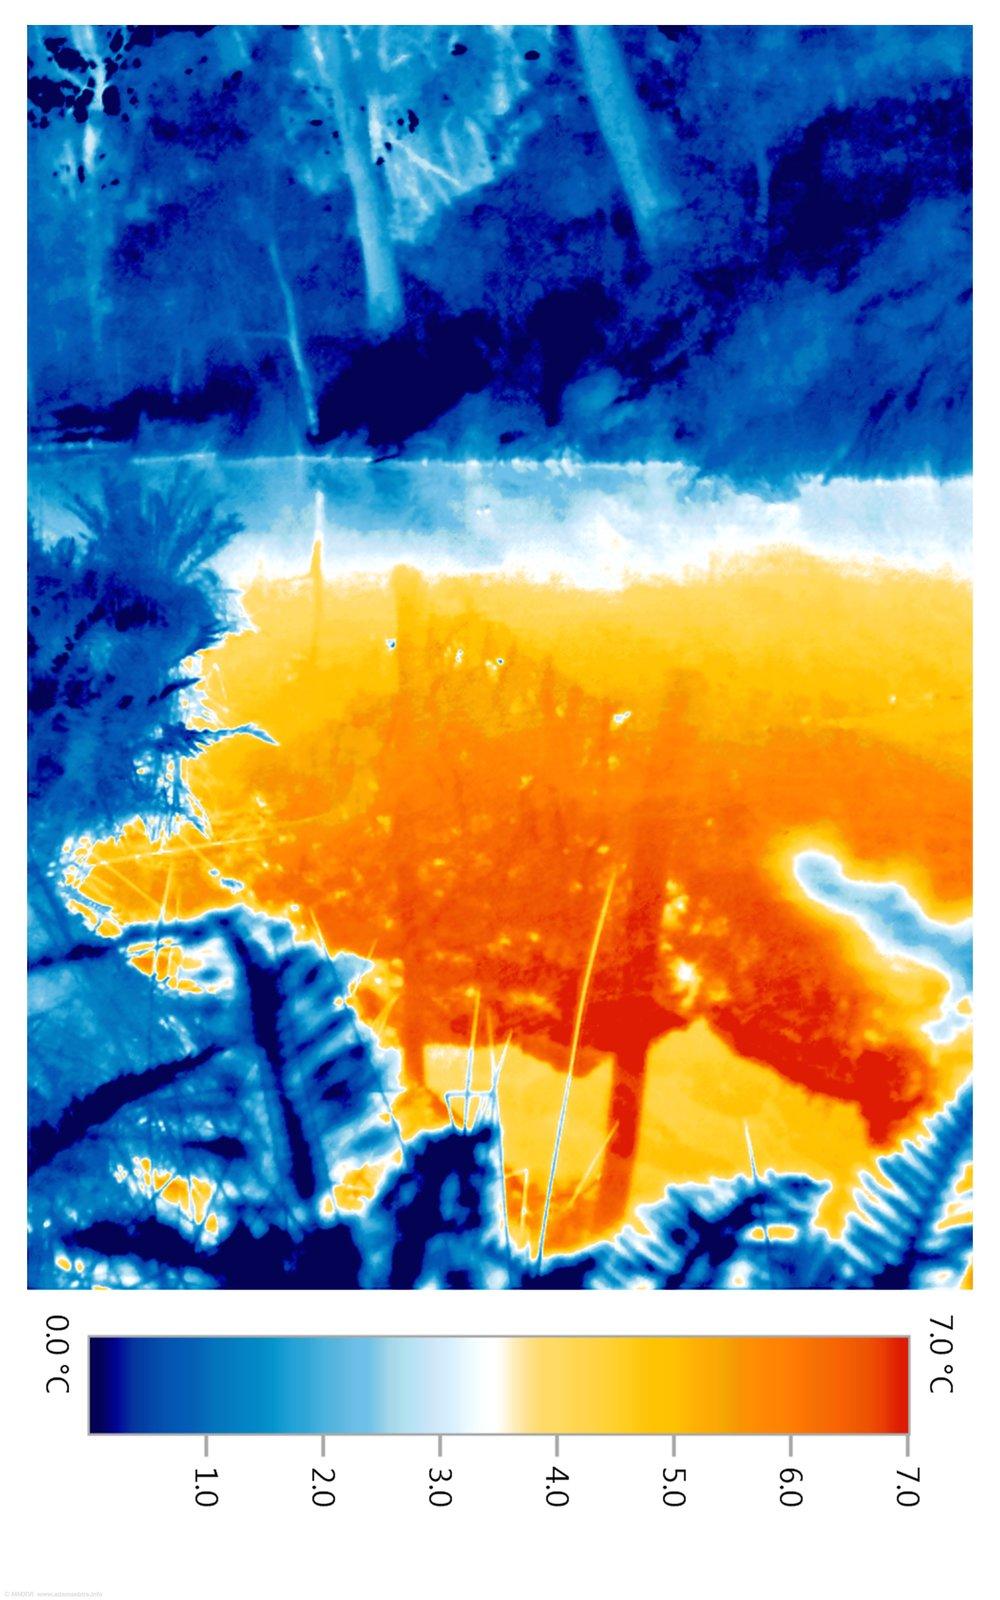 Thermal imaging art